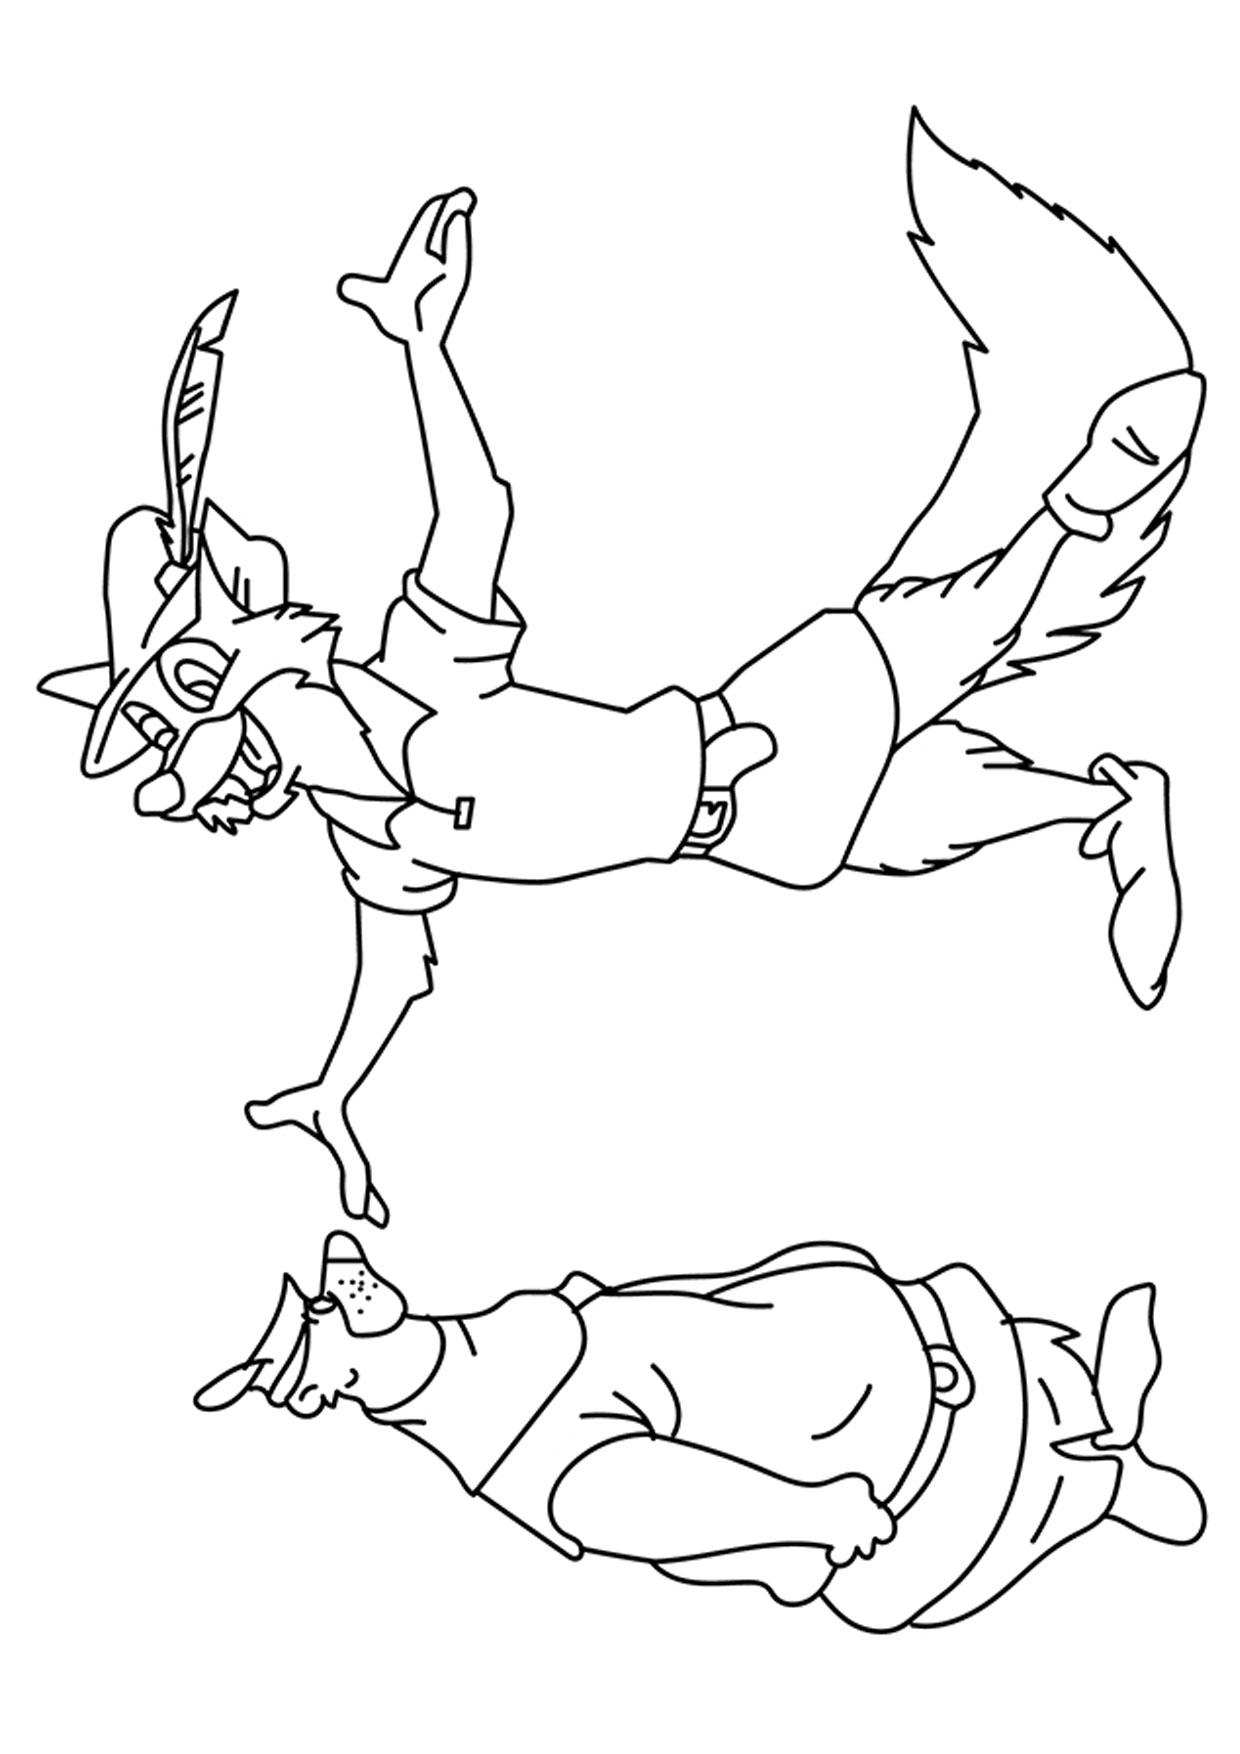 Disegno di volpe cartoon da colorare 15